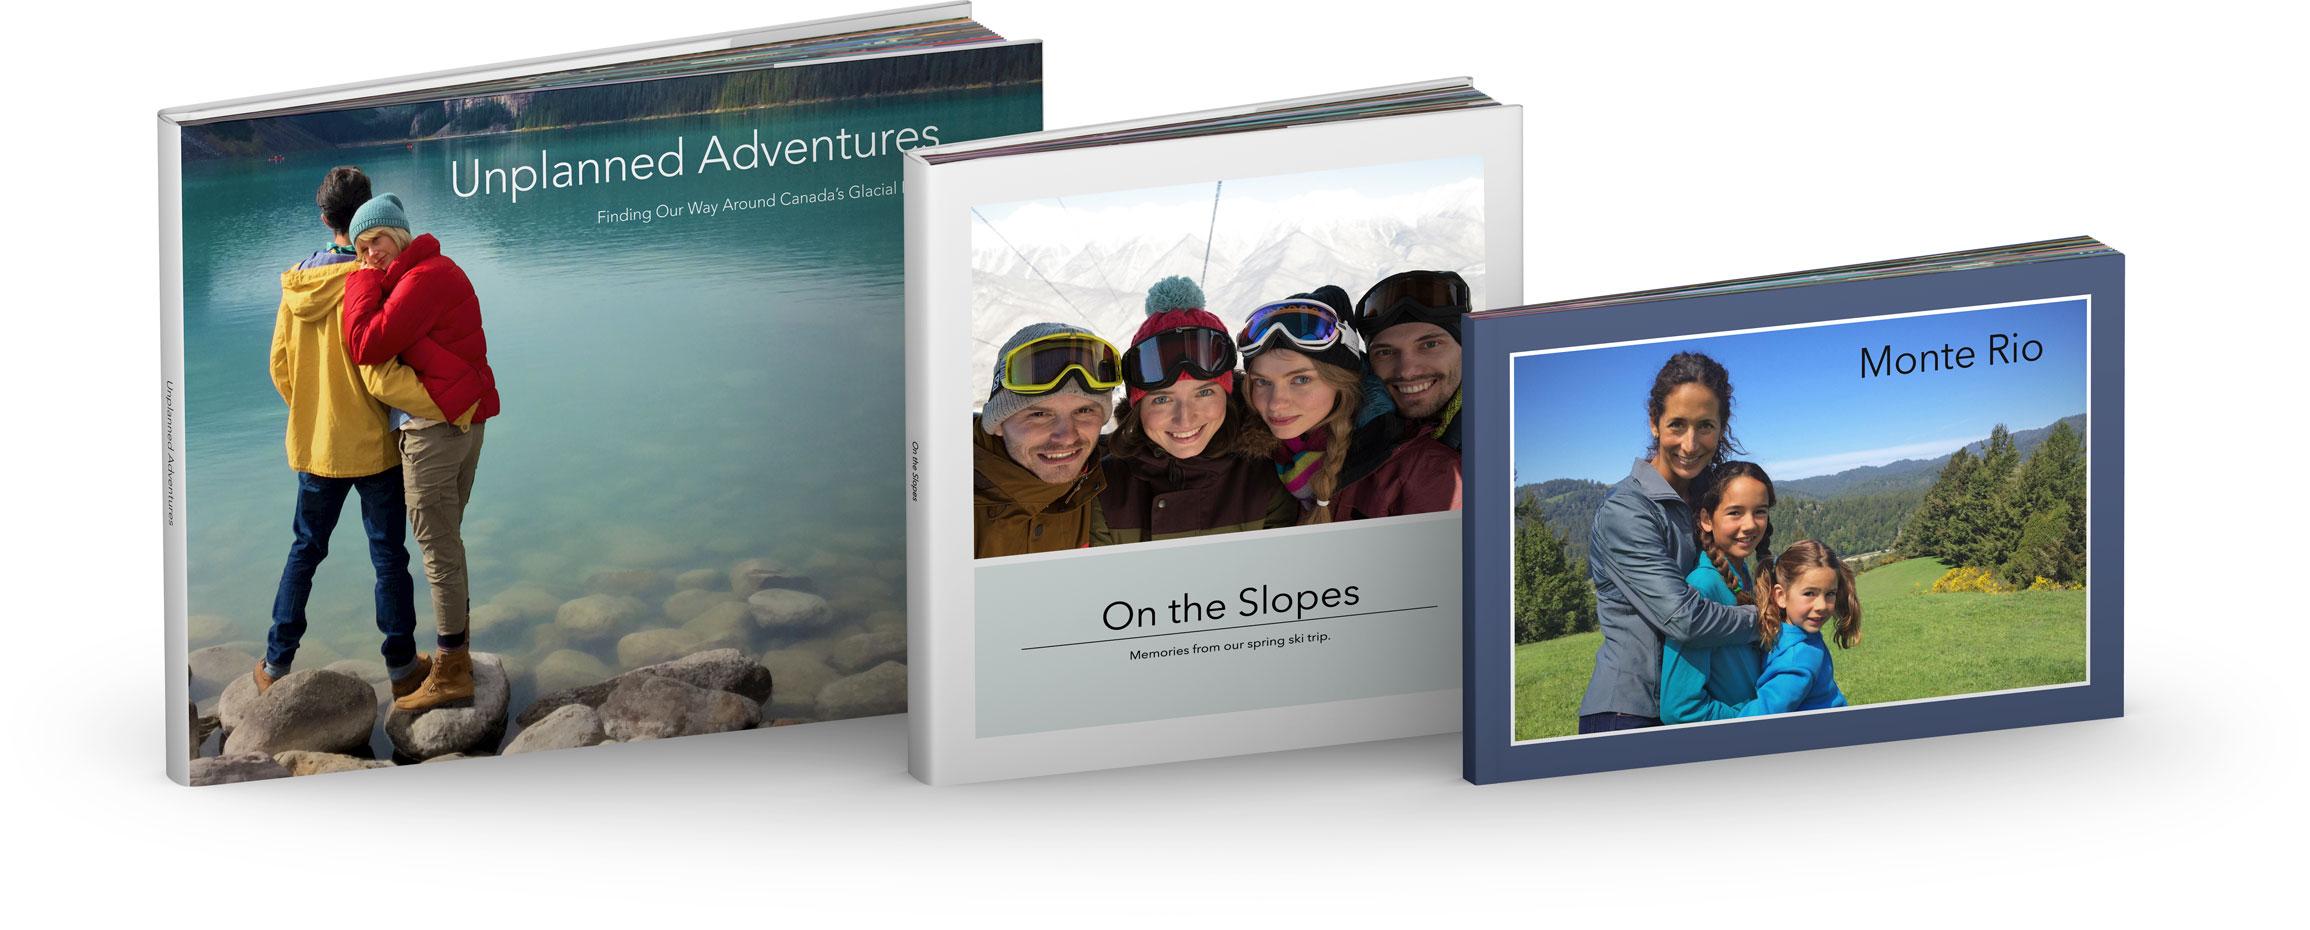 Livro de fotos impresso pela Apple